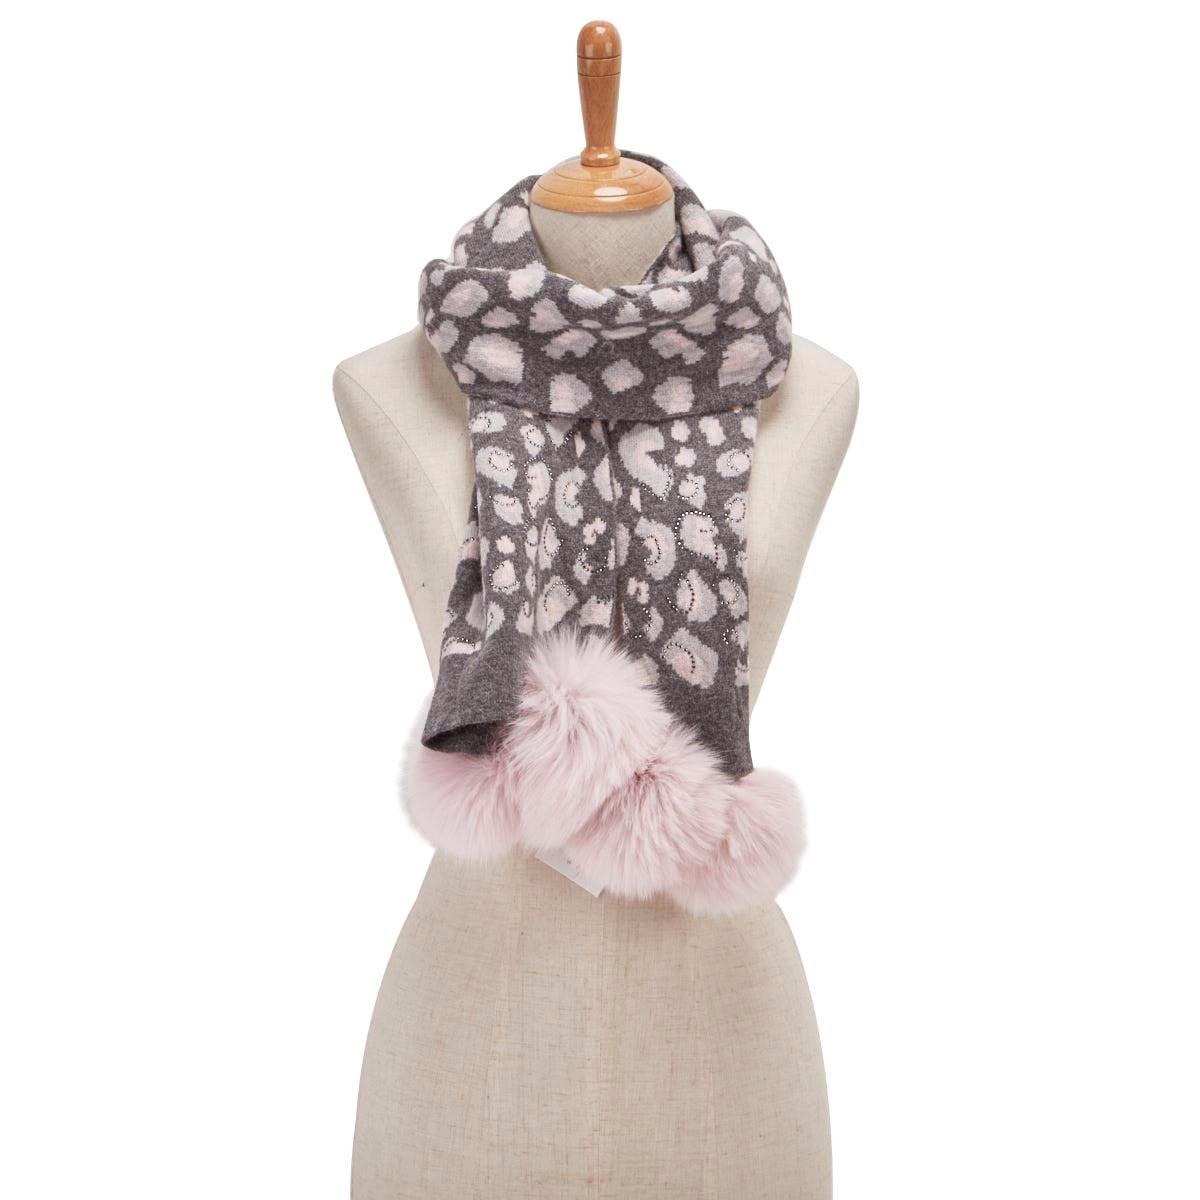 Lds animal prnt w/ fur pom pnk/gry scarf